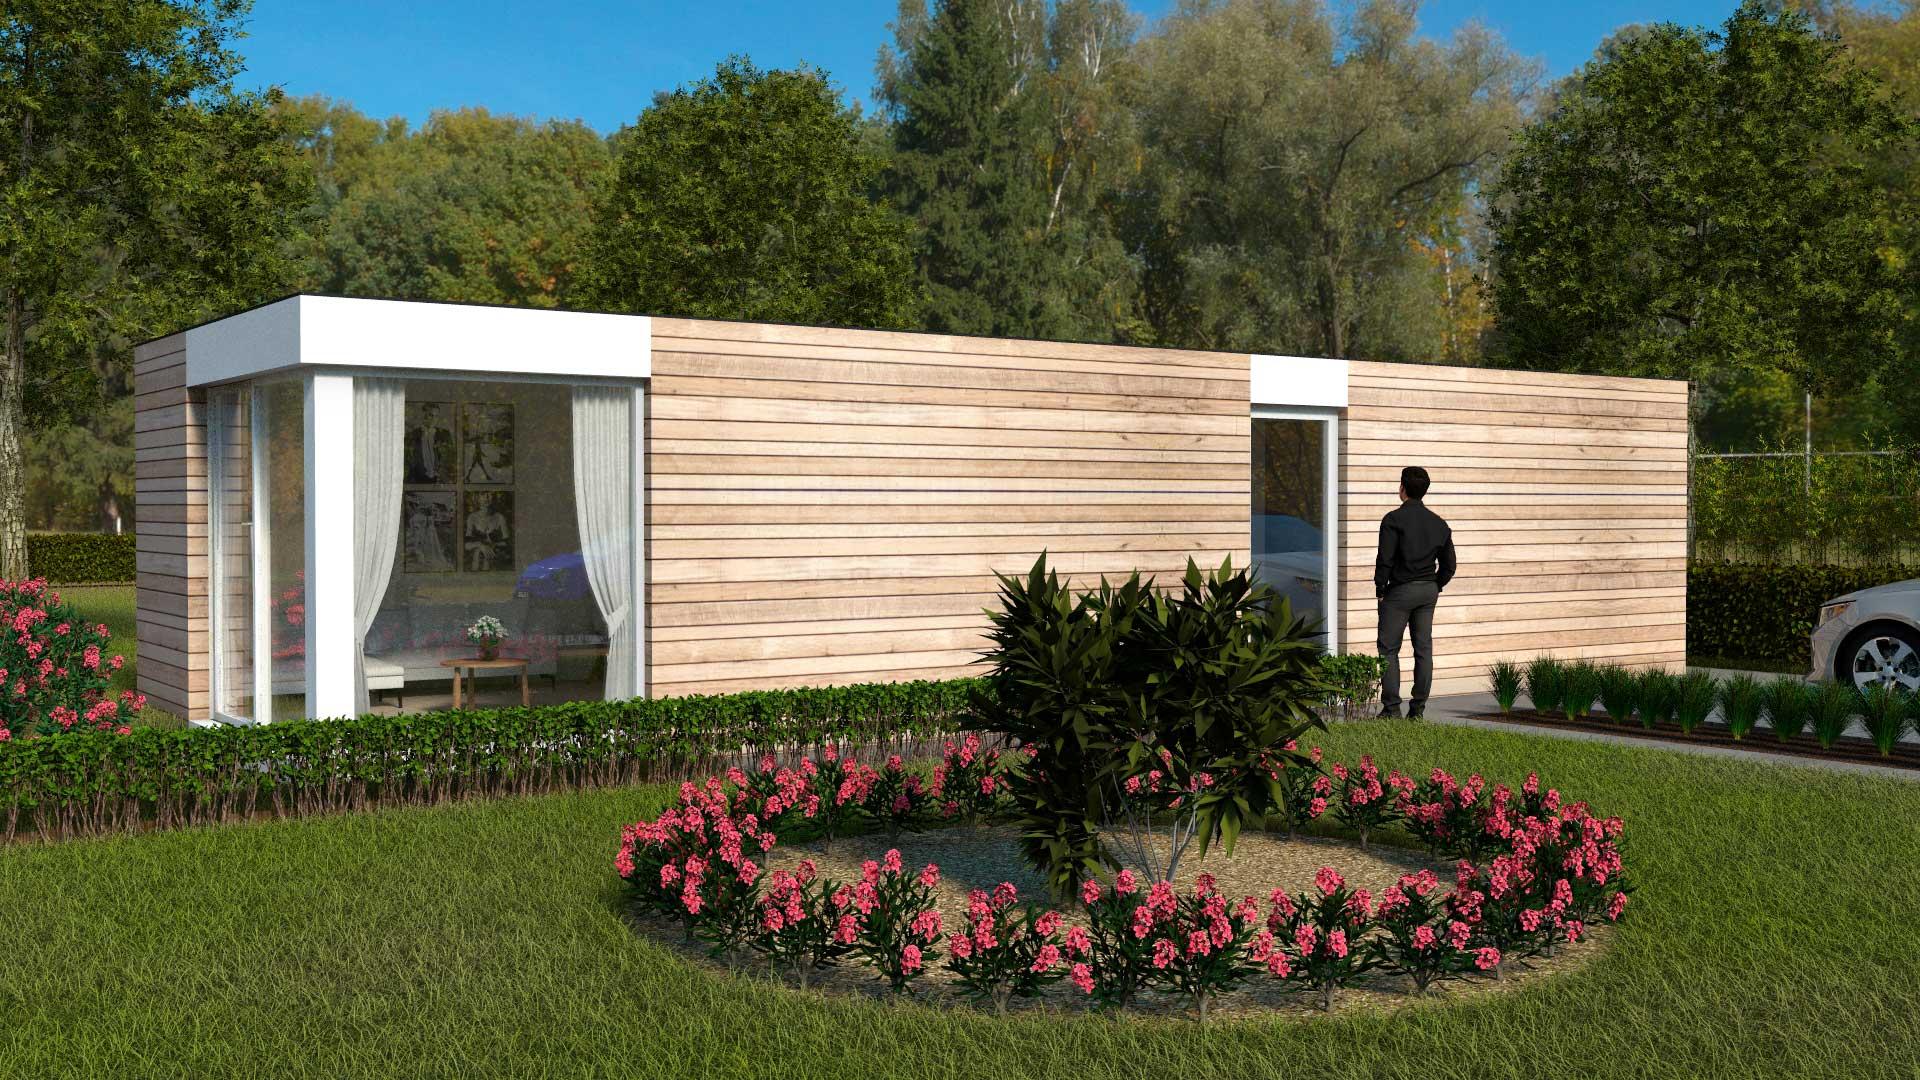 BenBox modulair bouwen met houtskelet - Model 1 - Variant 3